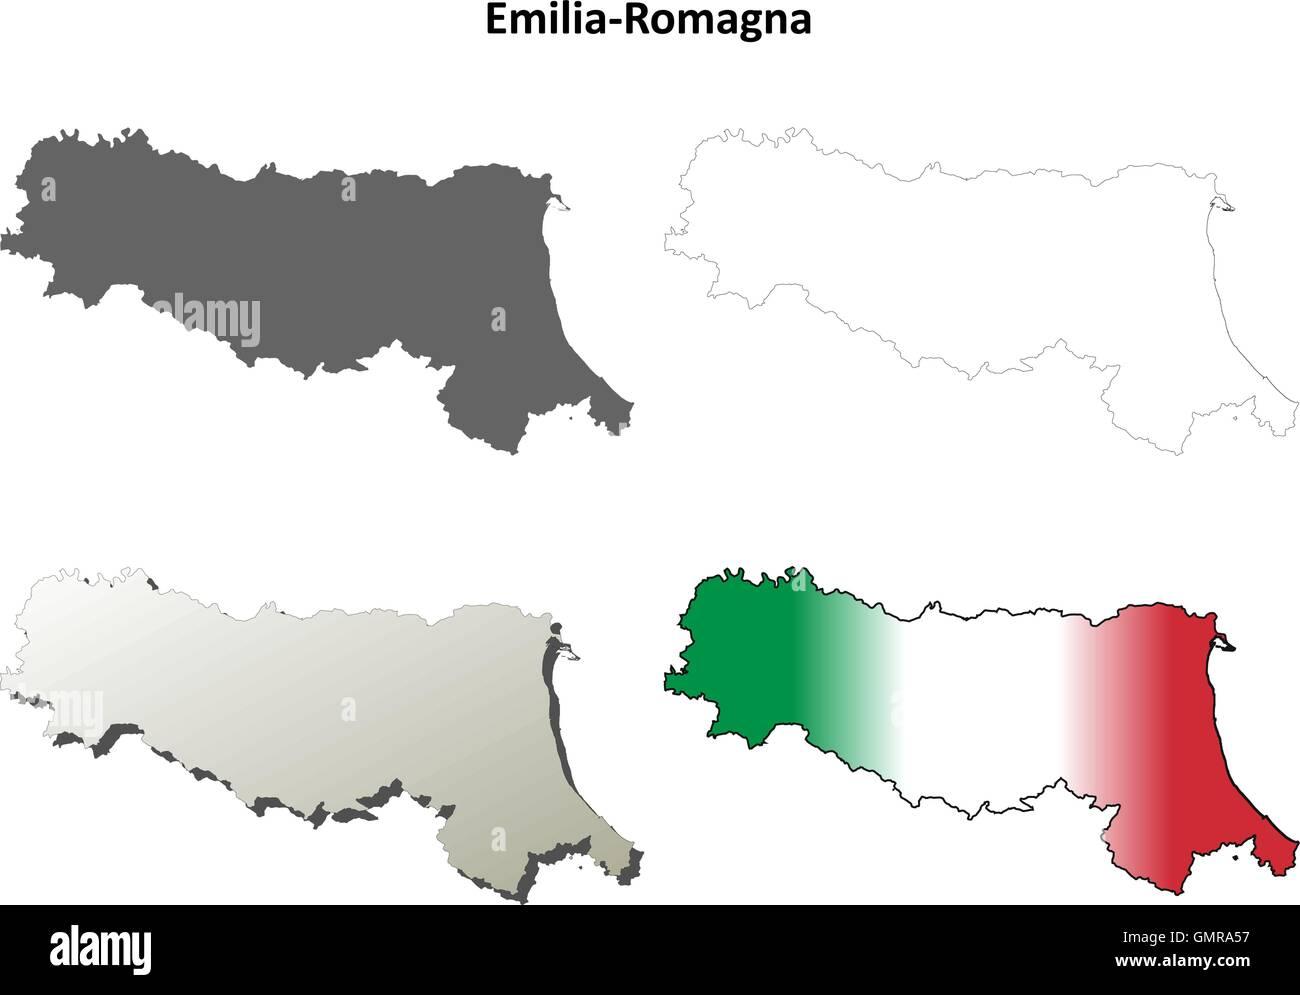 Emilia Romagna Cartina Dettagliata.Emilia Romagna Blank Dettagliata Mappa Di Contorno Impostato Immagine E Vettoriale Alamy